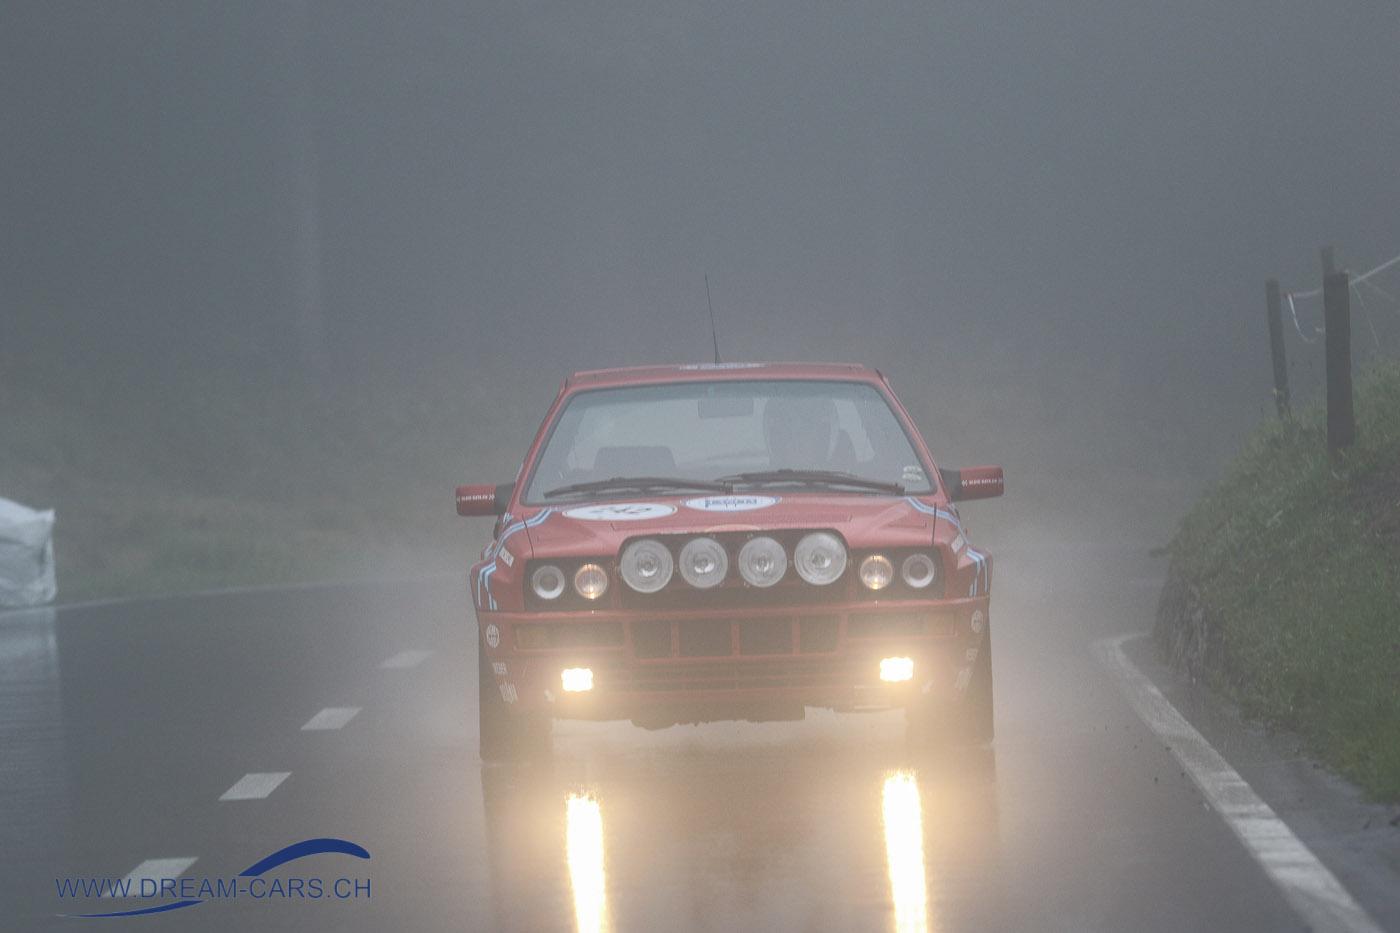 Arosa ClaaaicCar 2018, erster Renntag, Samstag 1. September. Thomy Meier mit seinem Lancia Delta Integrale kämpft sich durch den Nebel